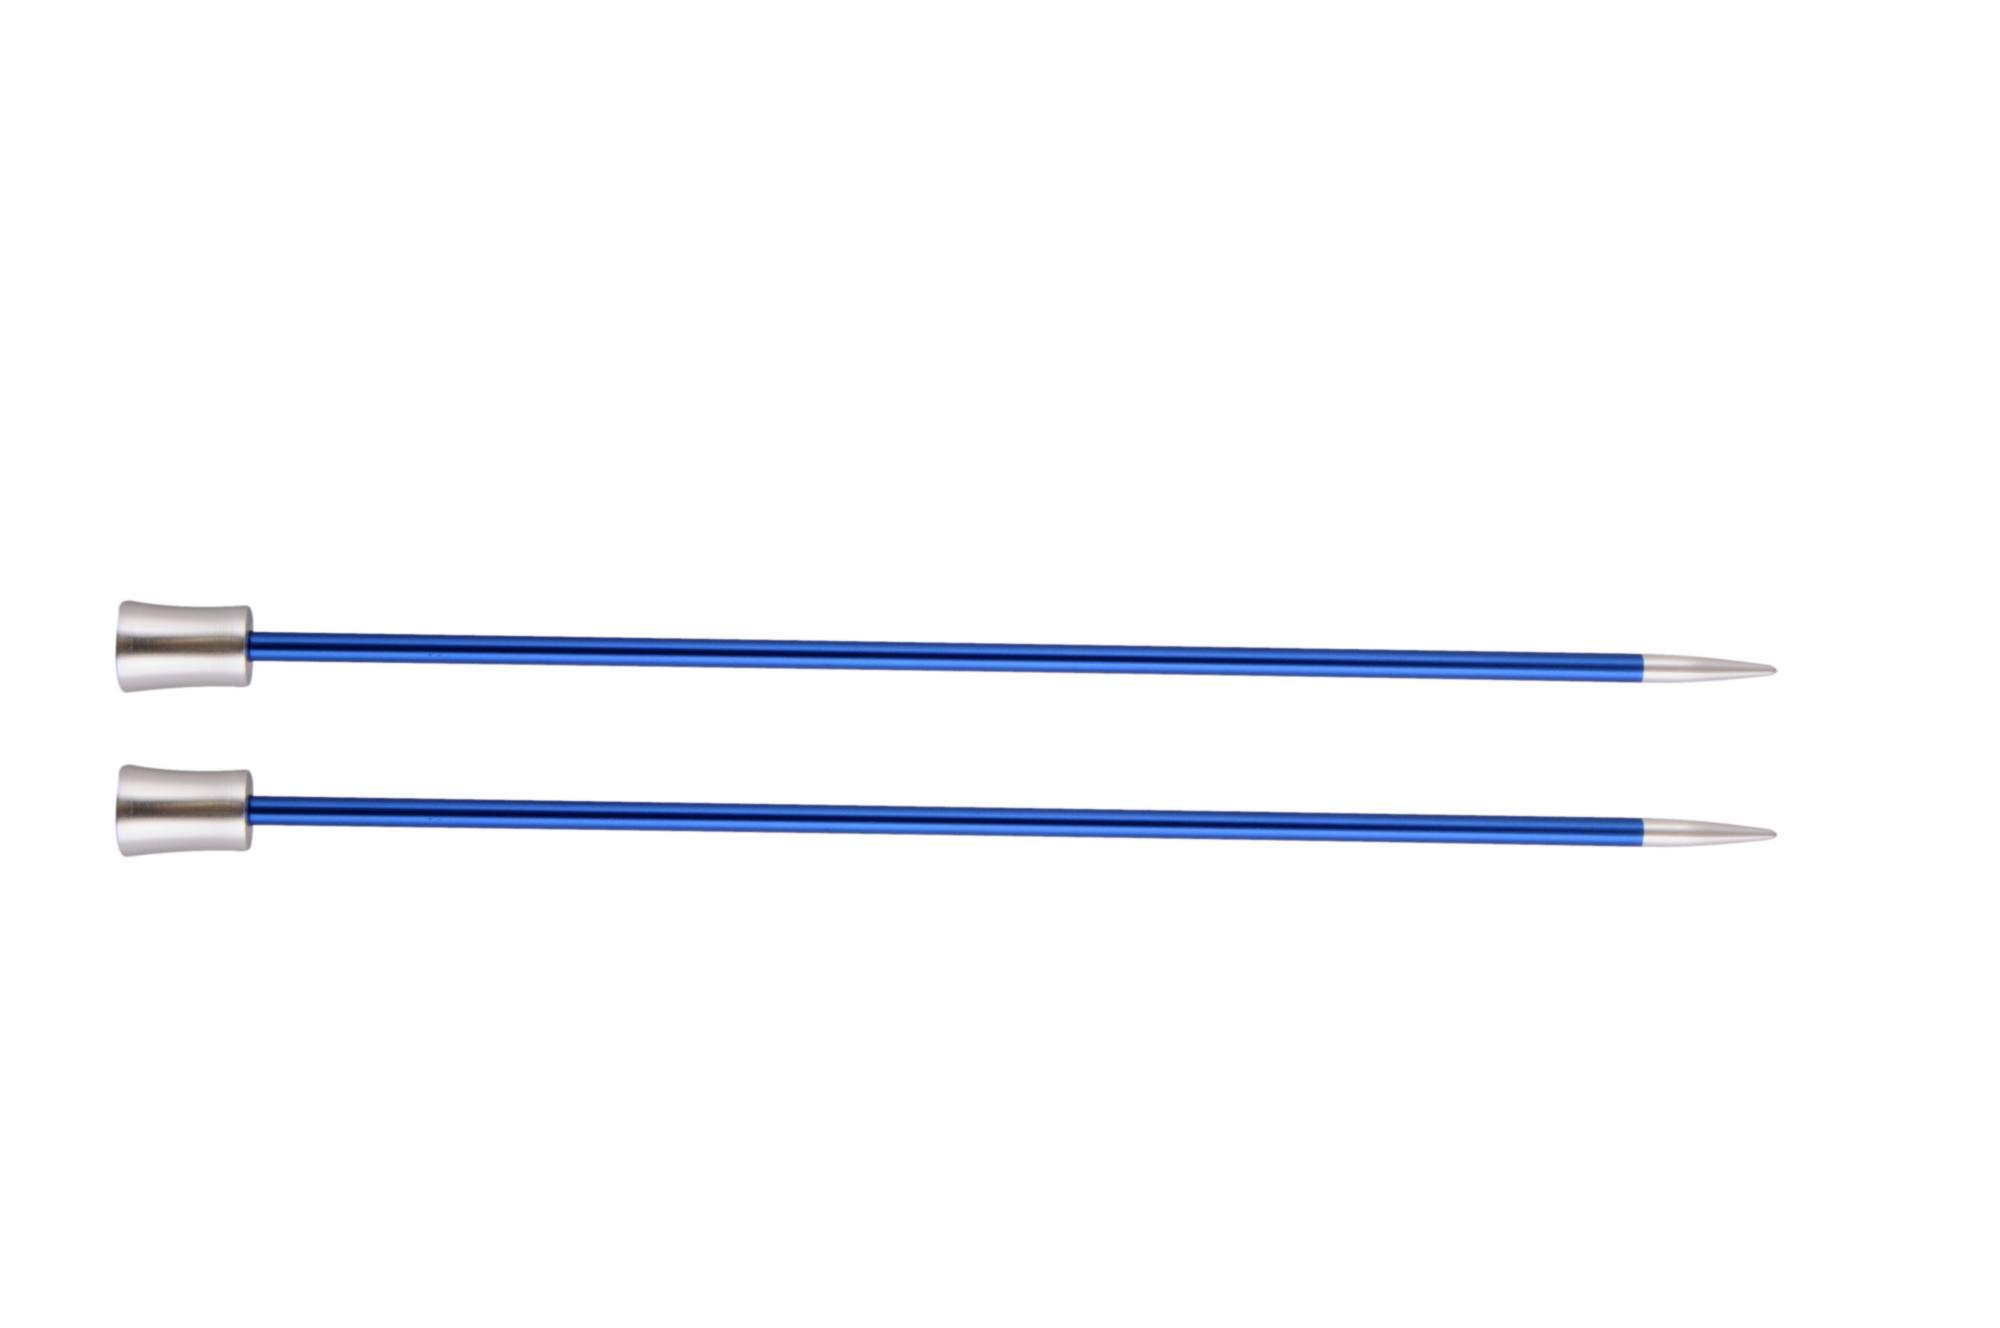 Спицы прямые 35 см Zing KnitPro, 47299, 4.00 мм